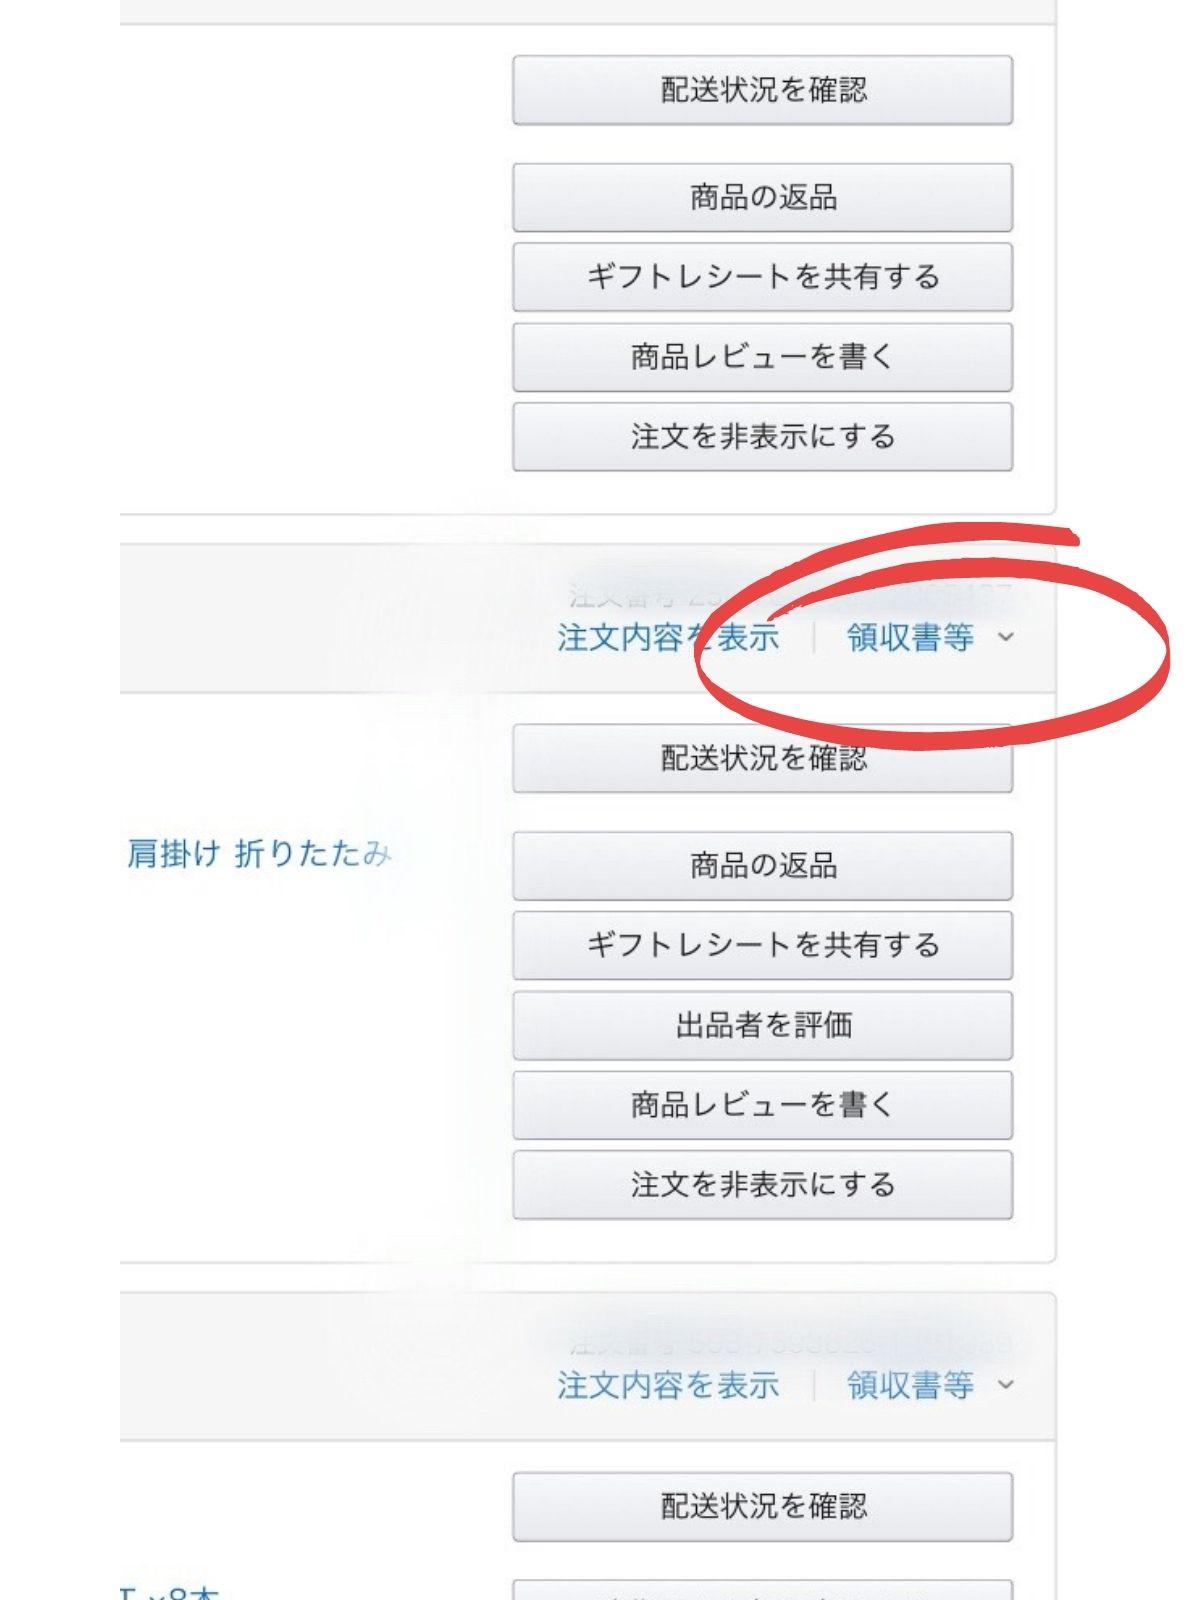 Amazonの領収書データをスマホでダウンロードする手順